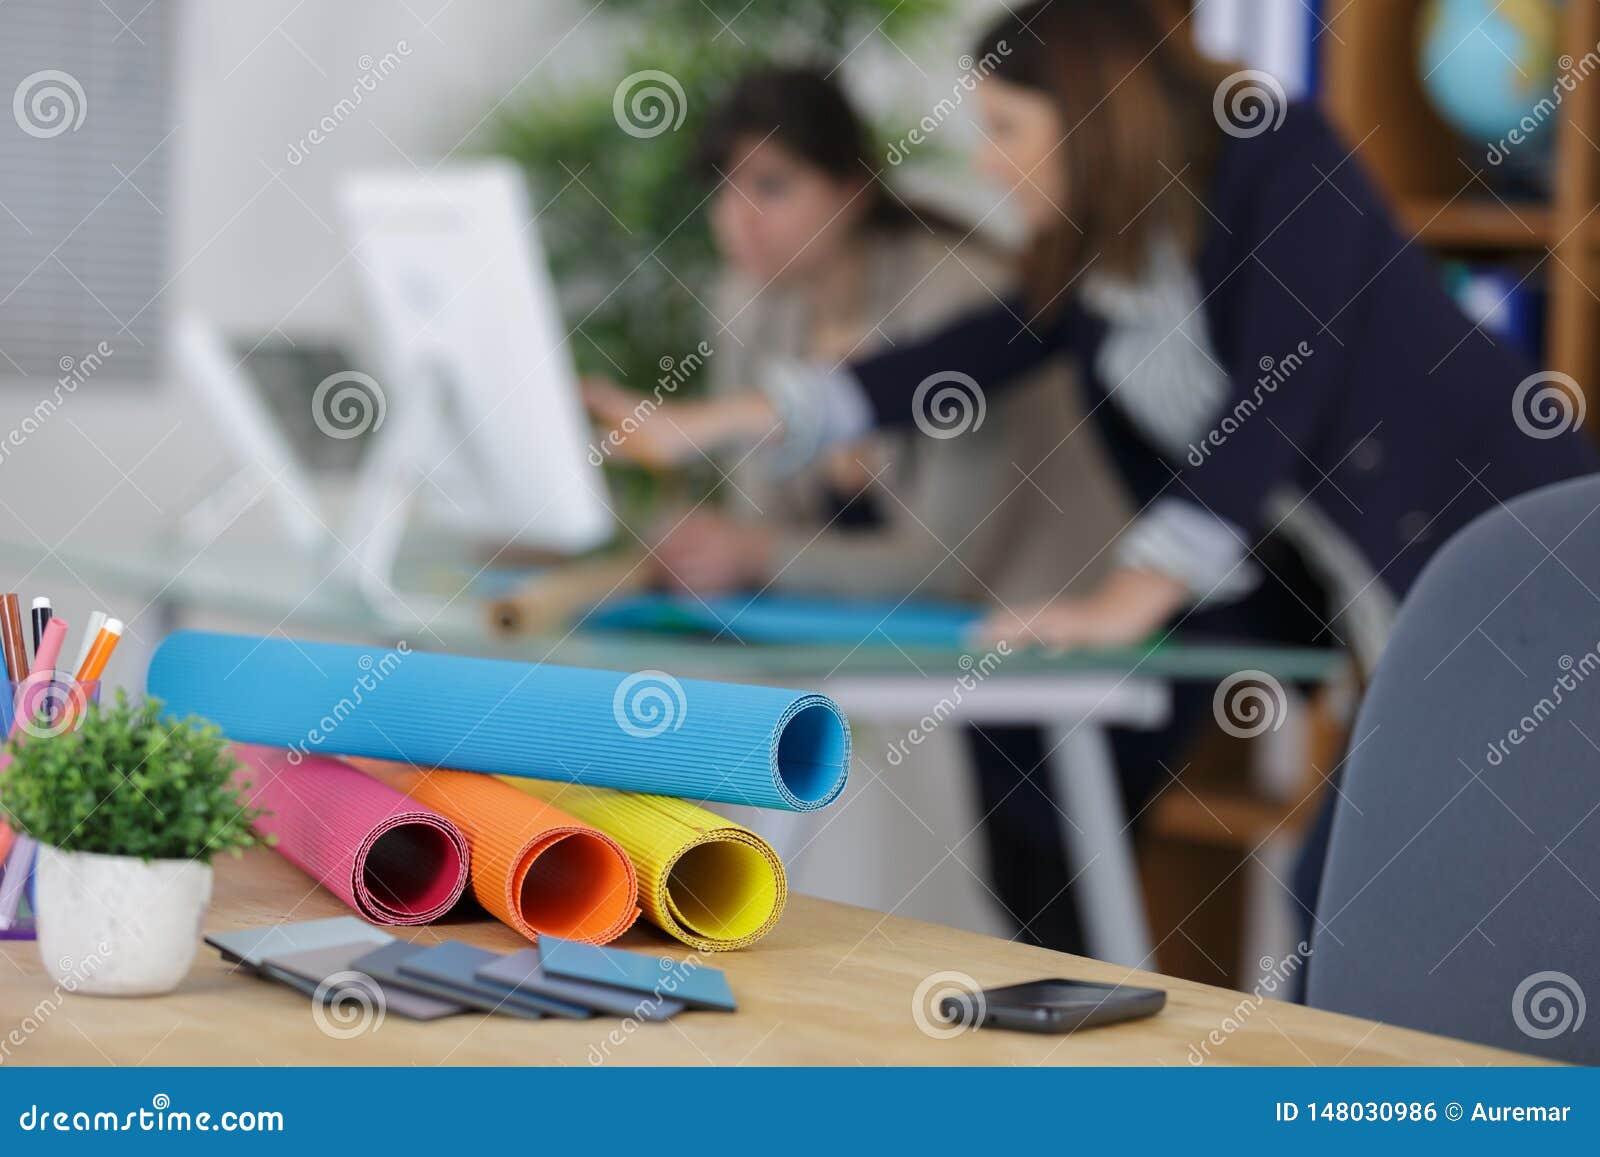 Begrepp för kontor för ritning för ockupation för designstudioarkitekt idérikt